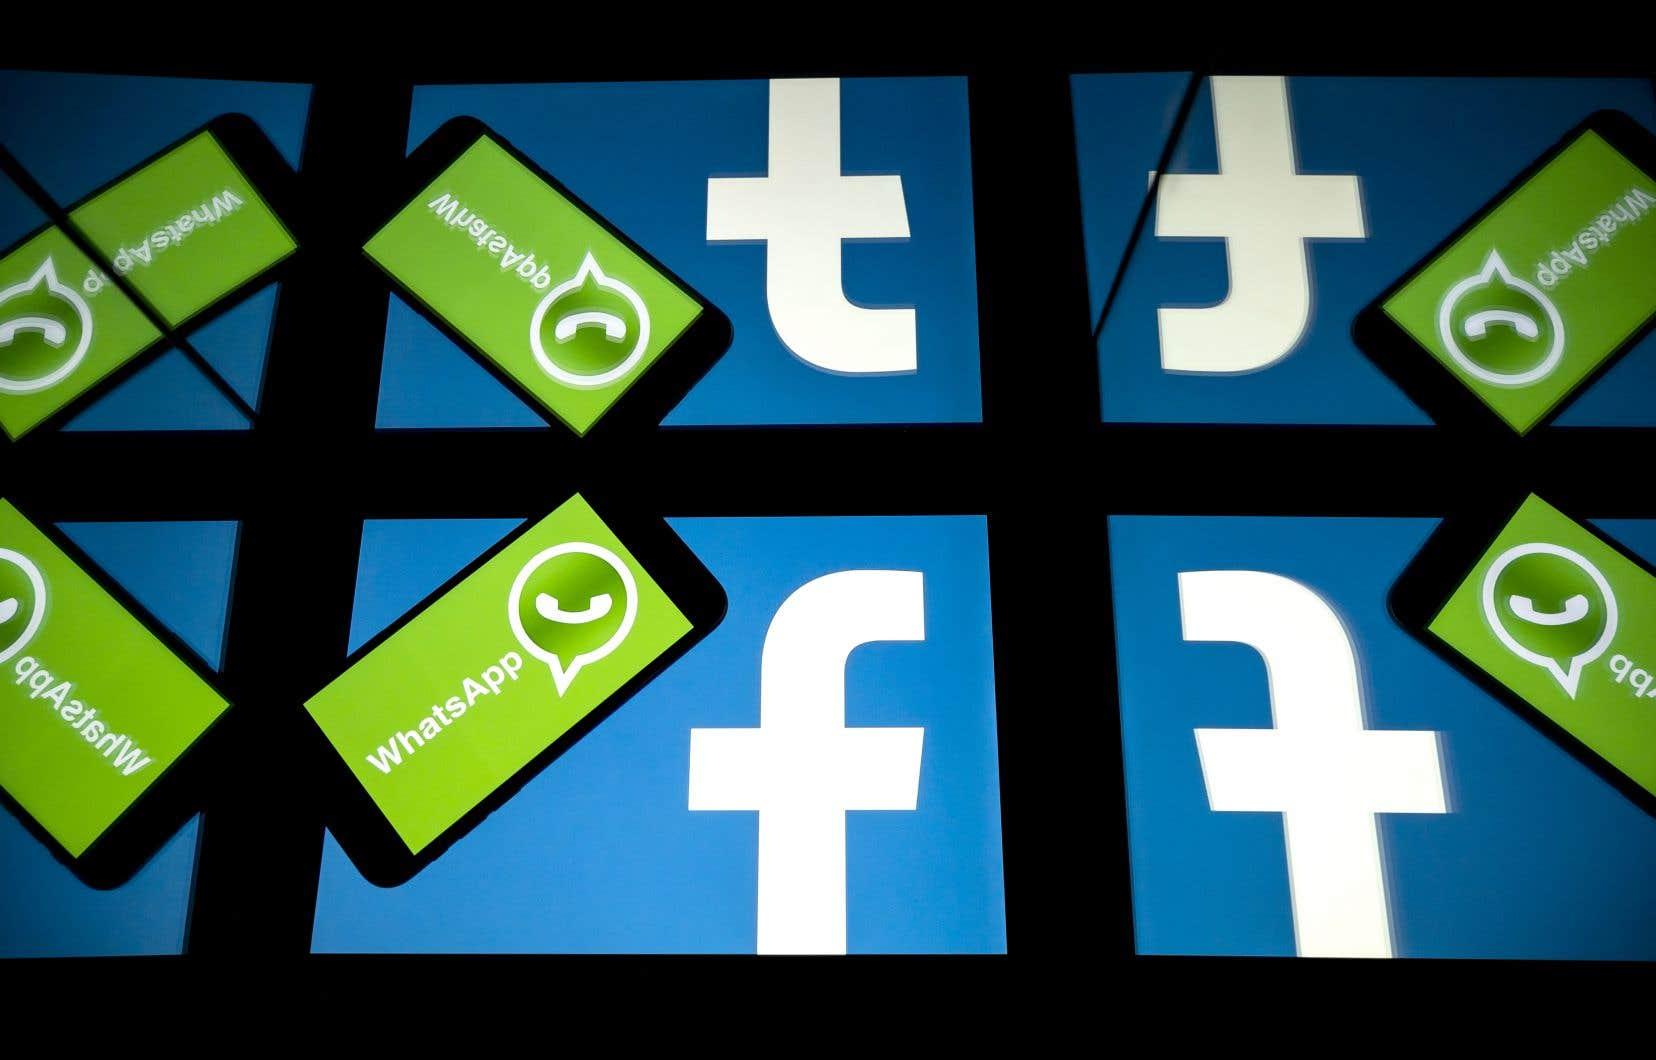 «Si Facebook offre beaucoup de valeur aux consommateurs, ce n'est pas grâce à la qualité de ses services, c'est grâce au nombre de ses utilisateurs et au volume d'activité qui s'y déroule», écrit l'auteur.